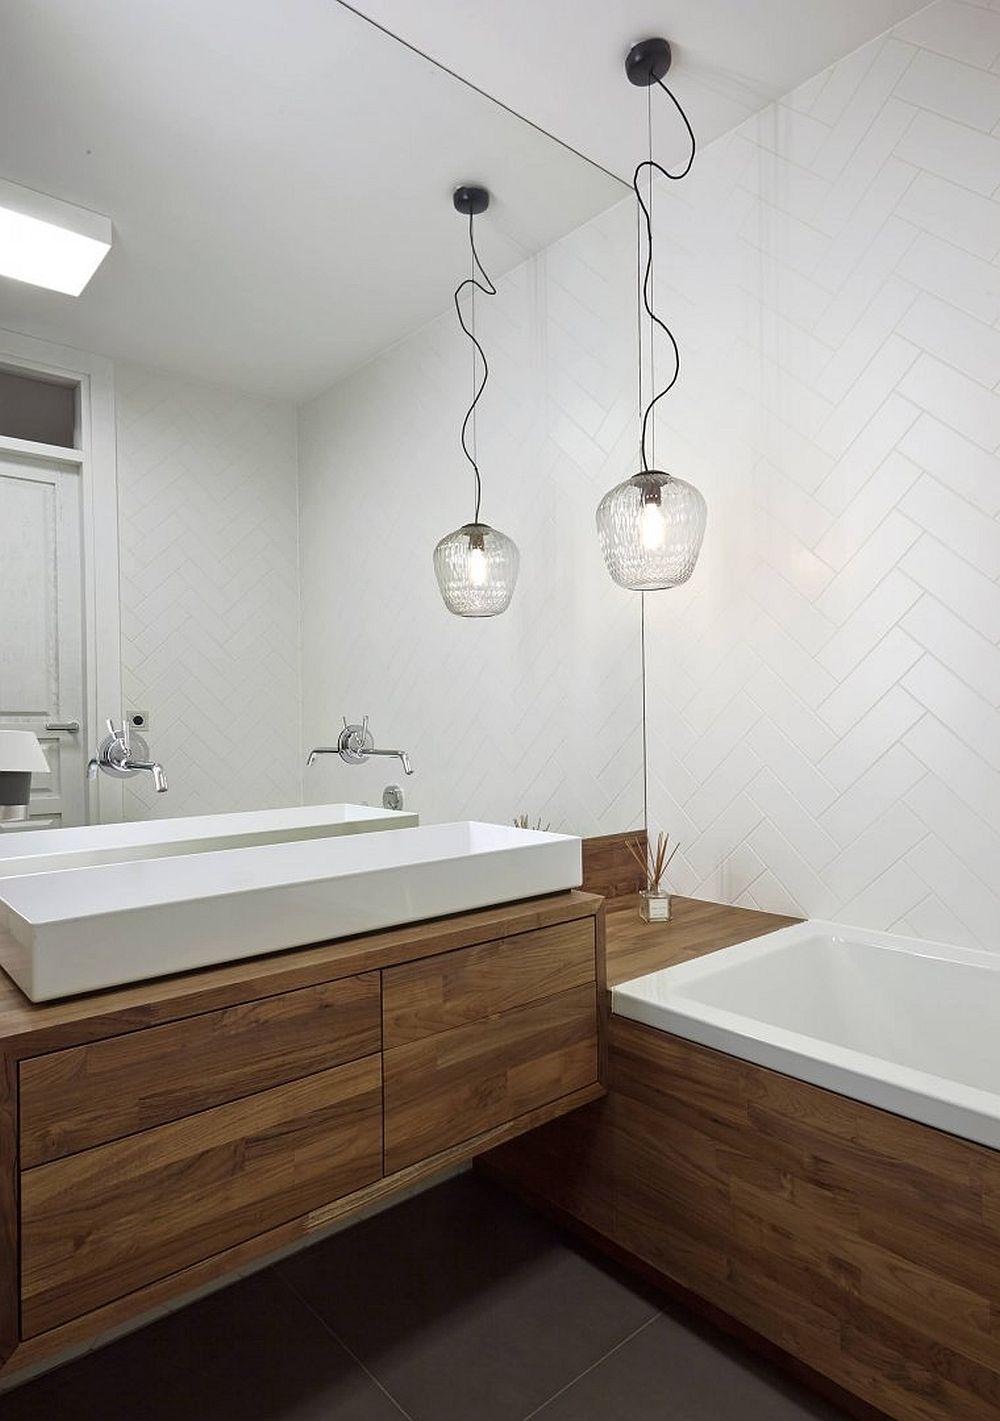 Baia principală este situată între cele două dormitoare și este amenajată minimalist. Ți-am prezentat-o pentru că sigur ai curiozitatea să știi cum a fost amenajată. Deci, o locuință spațioasă în zona de zi, cu spațiul cam larg de holuri, dar ingenios exploatată. Sper să te inspire și pe tine!